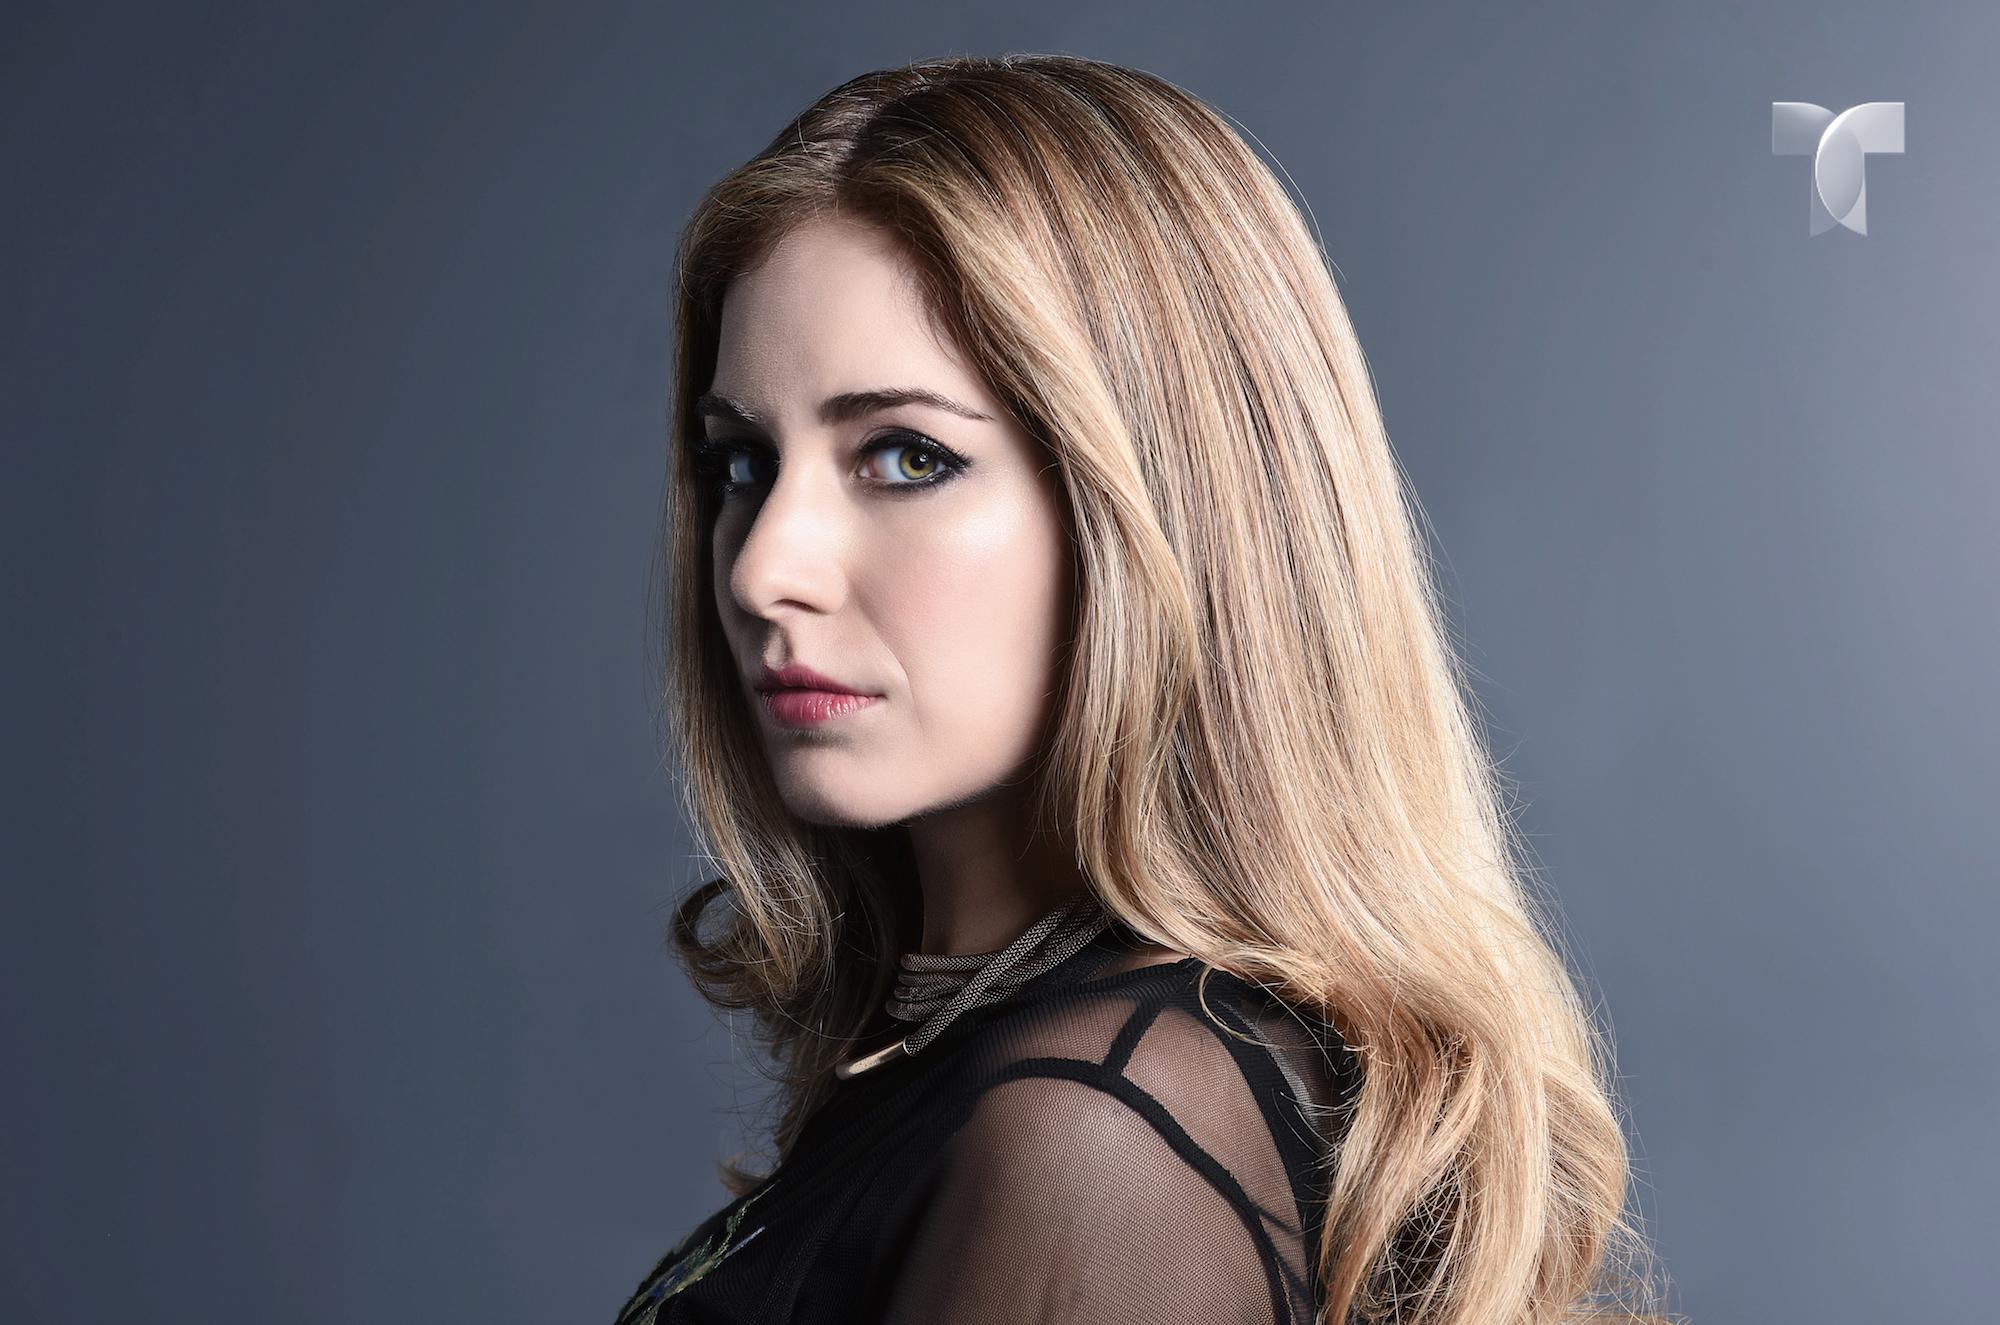 _ESDLC_Carmen Aub como Rutila Casillas_004 copy copia